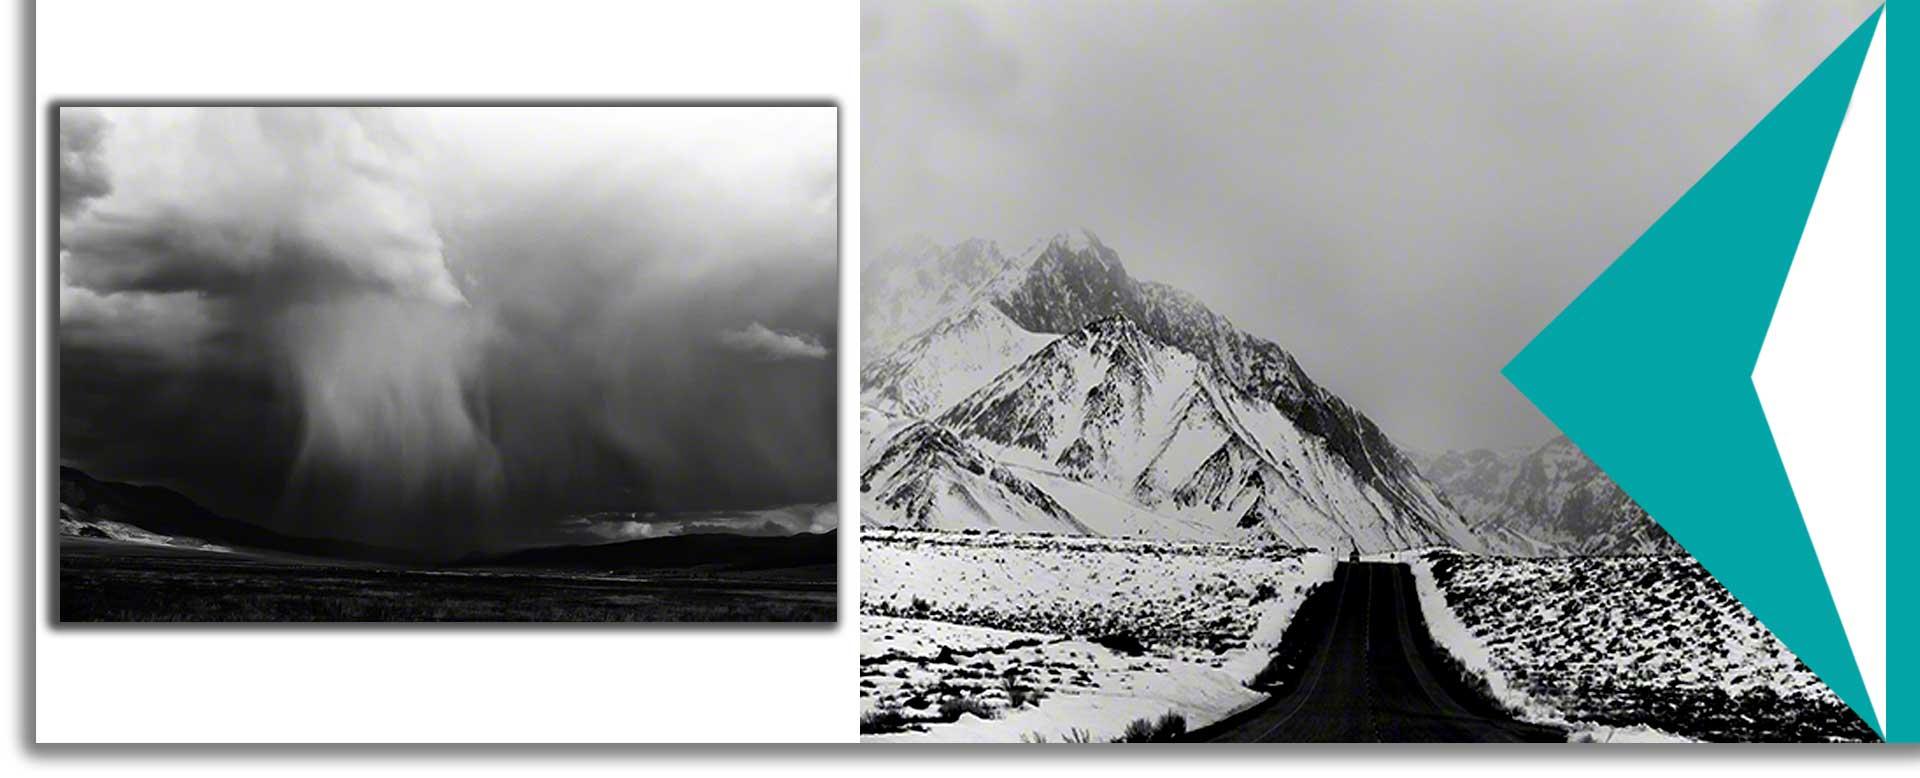 Stunning Black and Whites 11 - ویژگی عکس های سیاه و سفید کدامند و چگونه میتوان به آنها دست یافت ؟